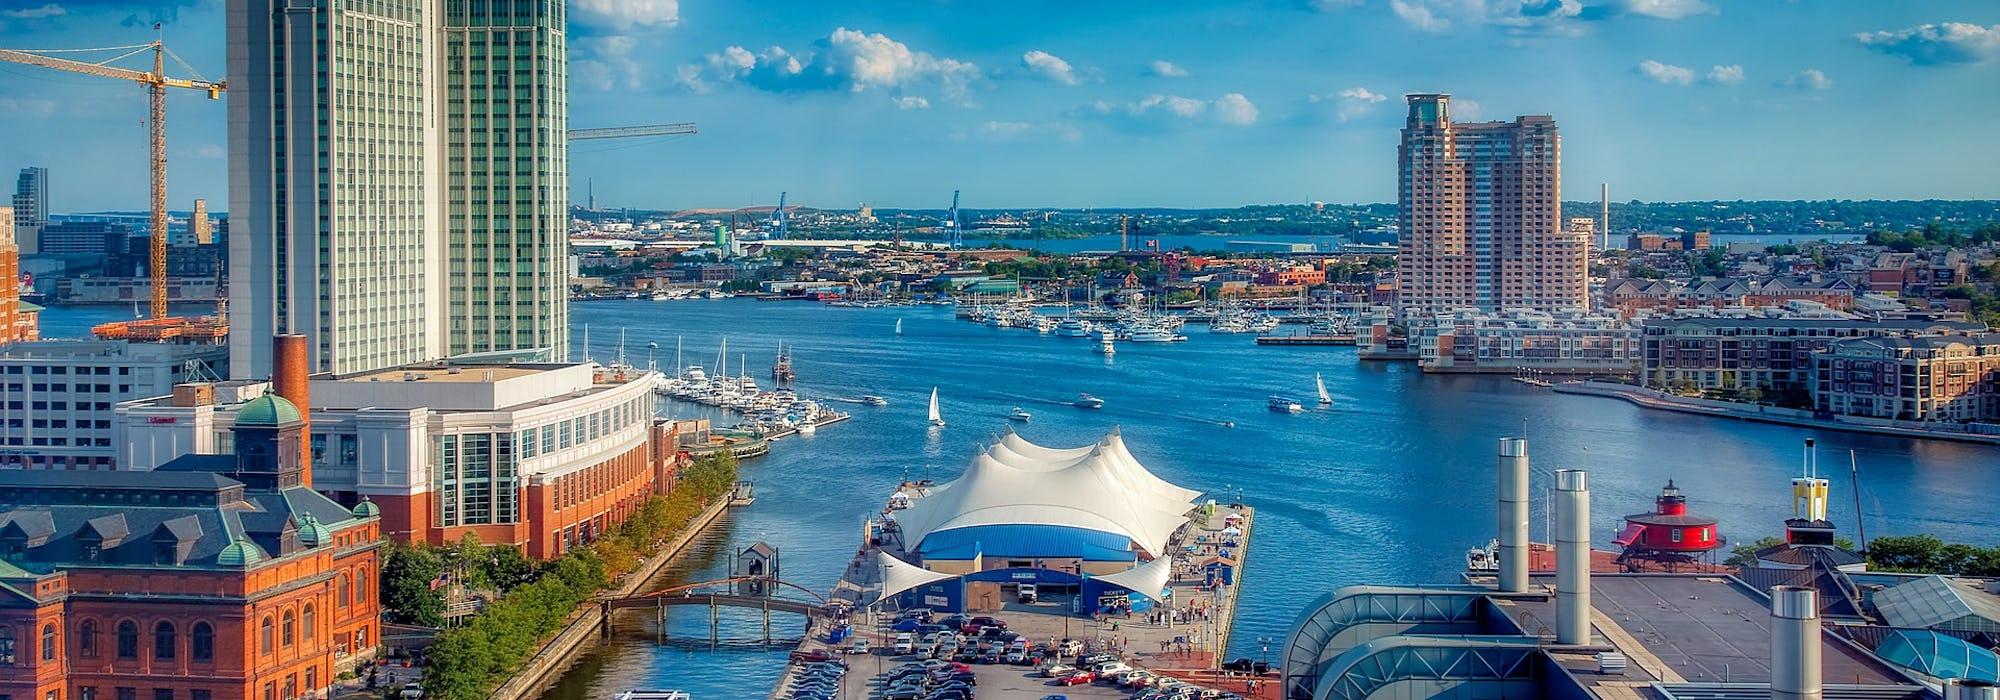 Vild tagen uppifrån på Baltimores hamn med vatten, byggnader och båtar.